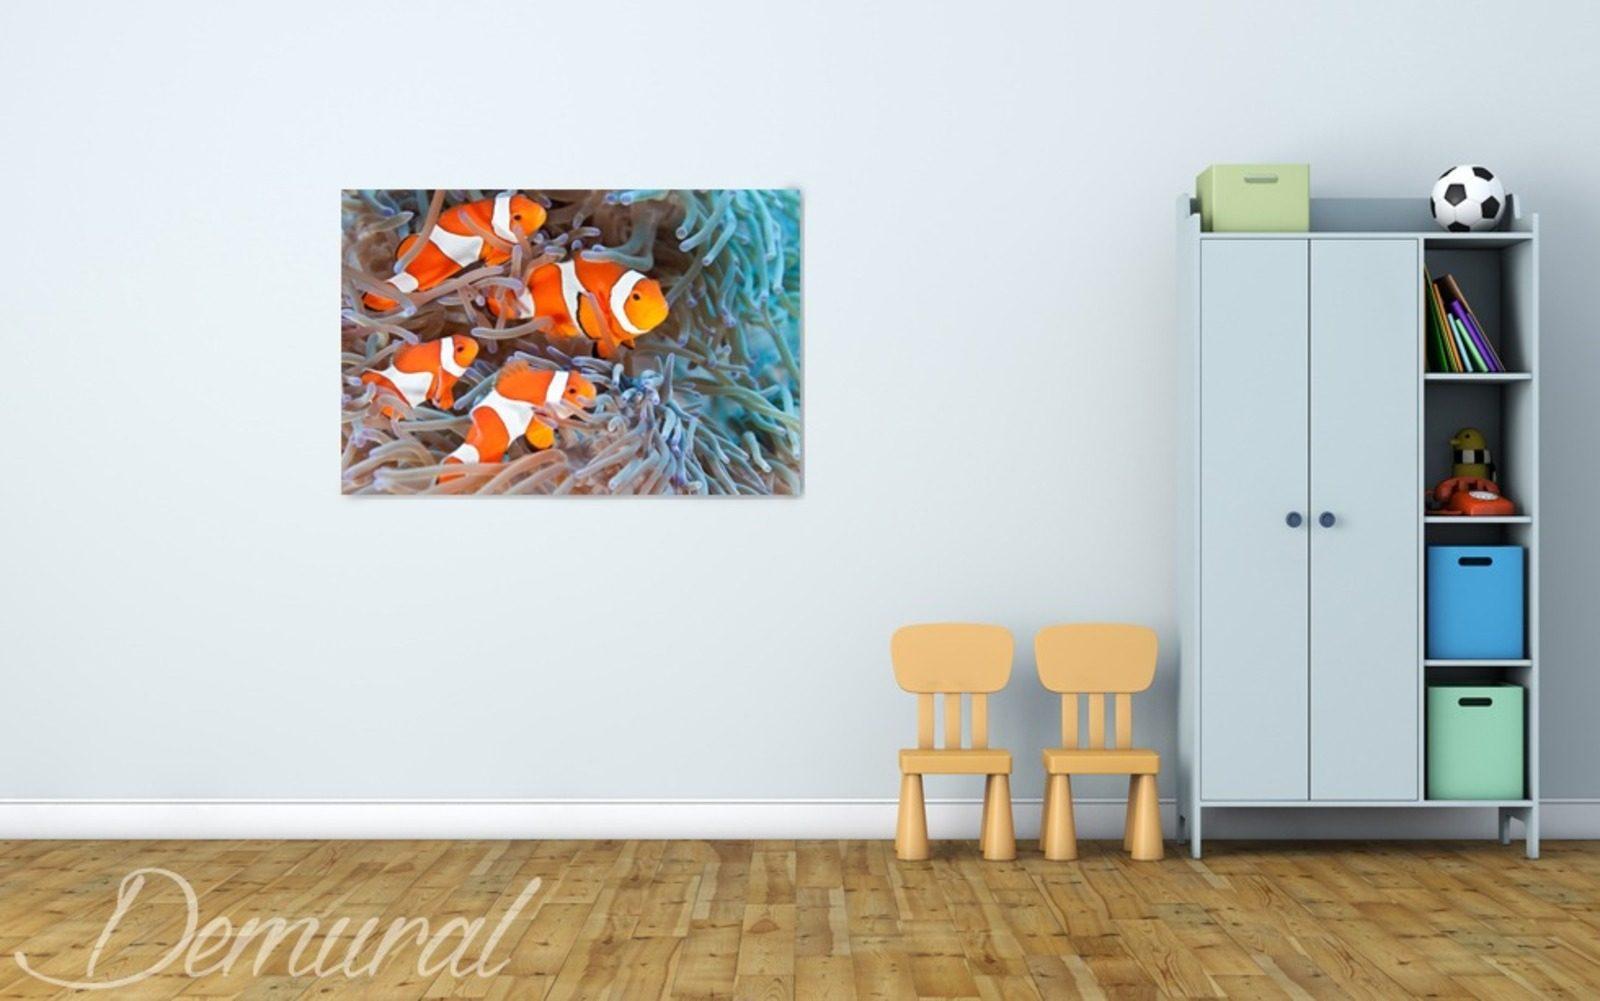 Aquarium au mur tableaux pour chambre d 39 enfant for Accrochage tableaux au mur